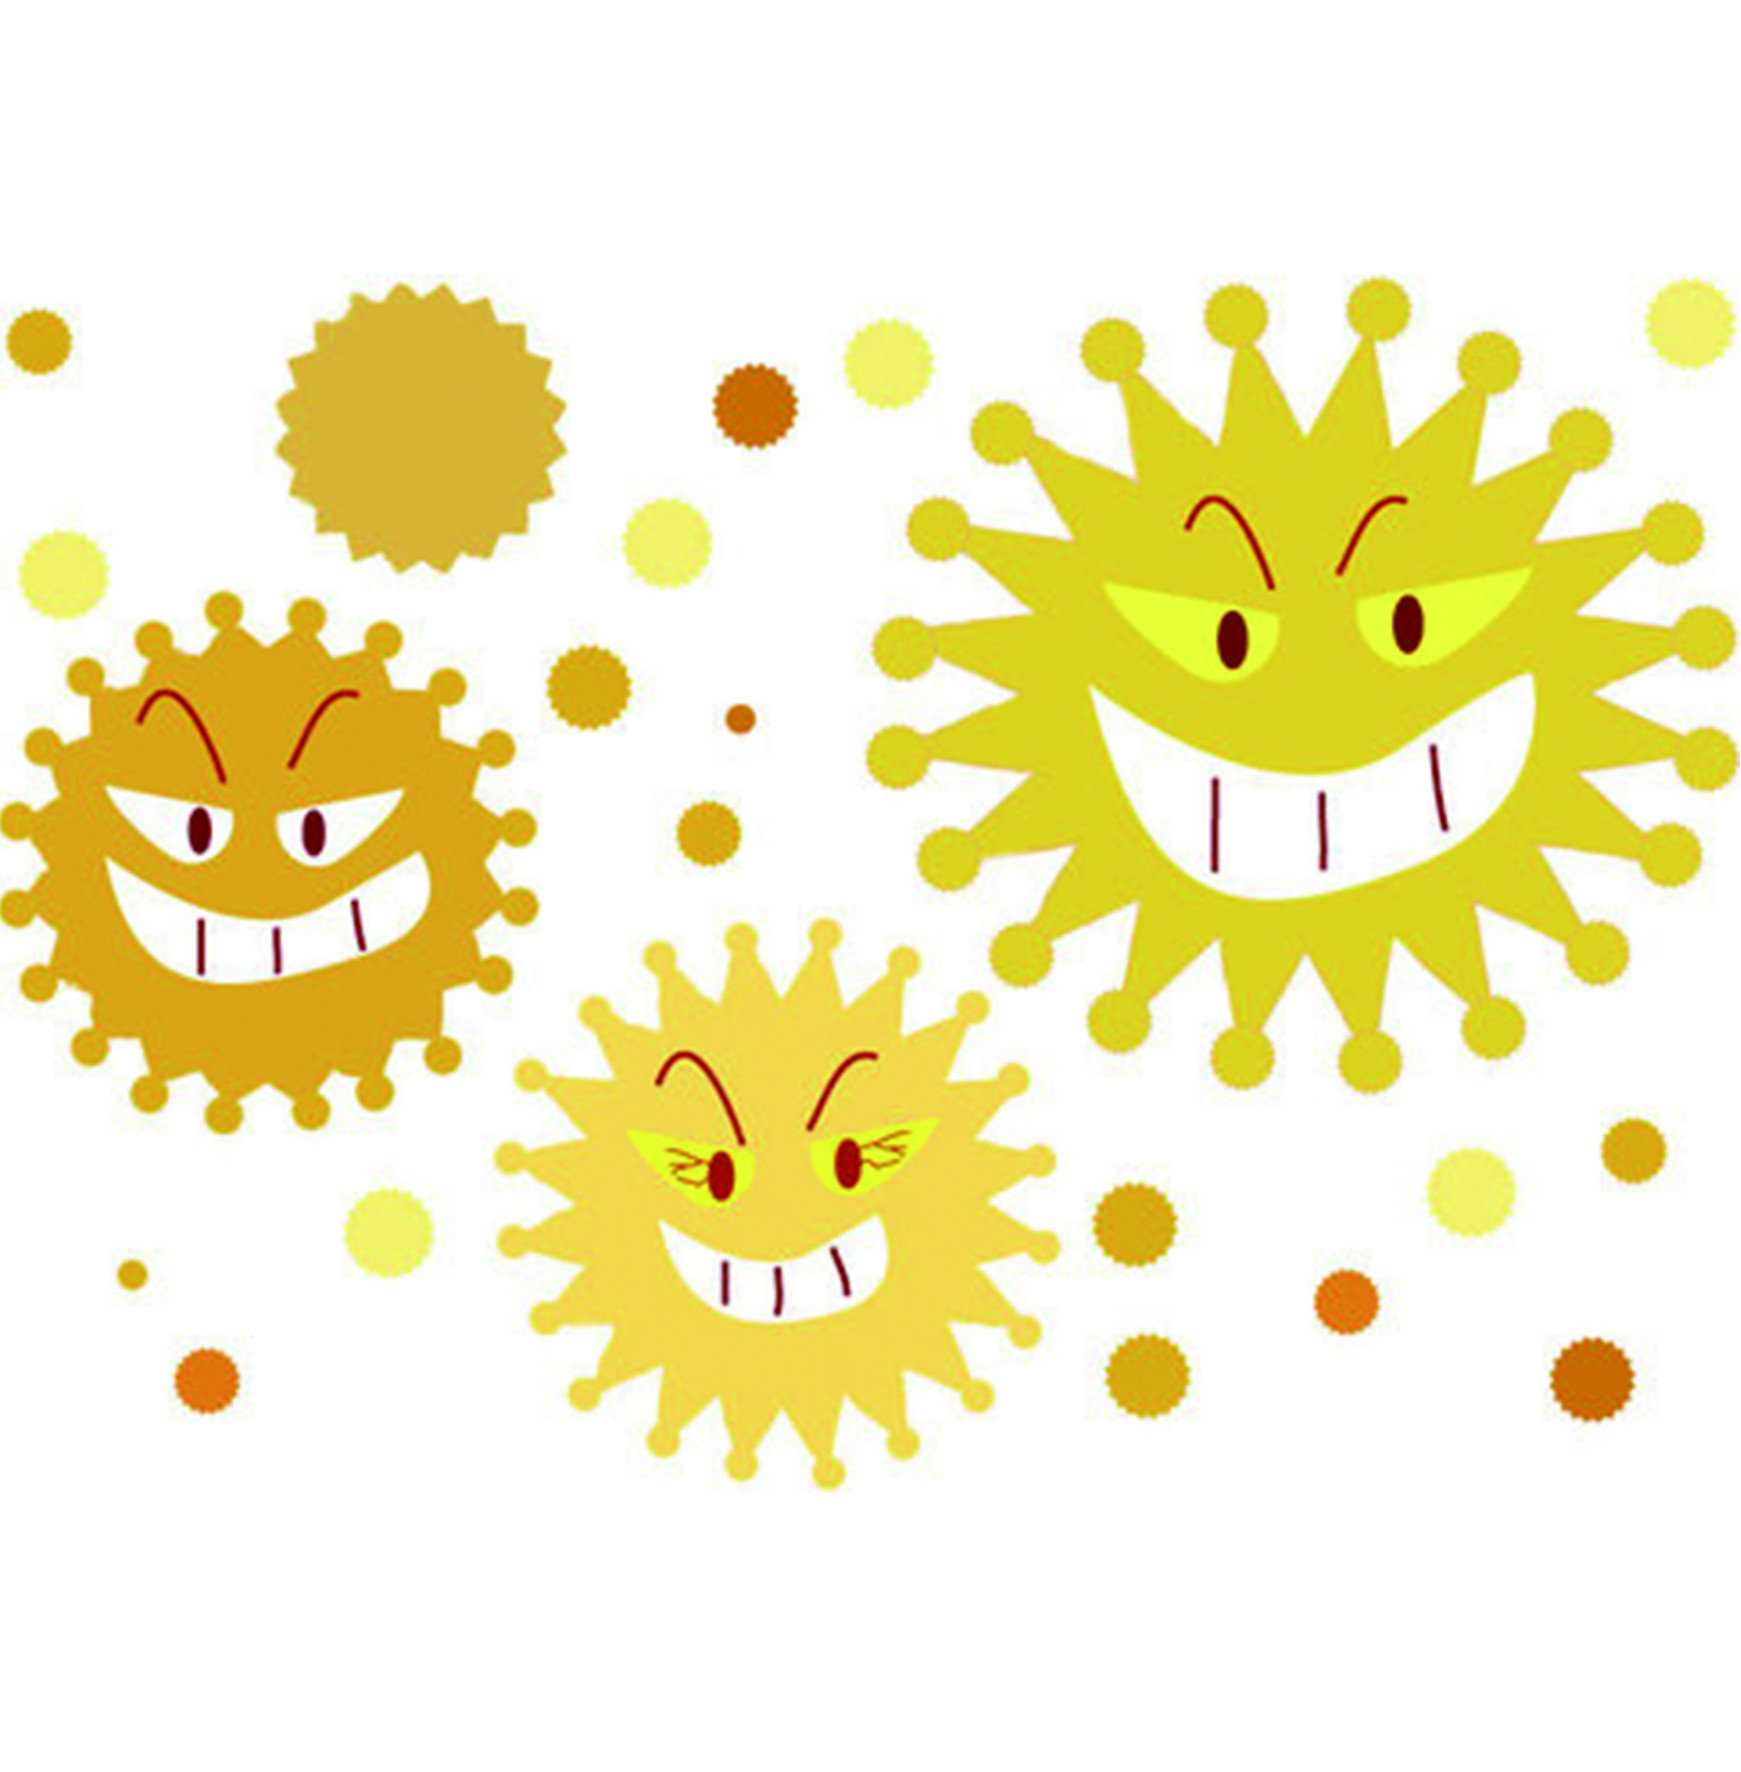 人體清淨機?懸浮微粒可能堆積肺中,懸浮微粒是空氣中微小的固態或液態顆粒,許多顆粒是由自然生成,如火山爆發、森林火災等等。